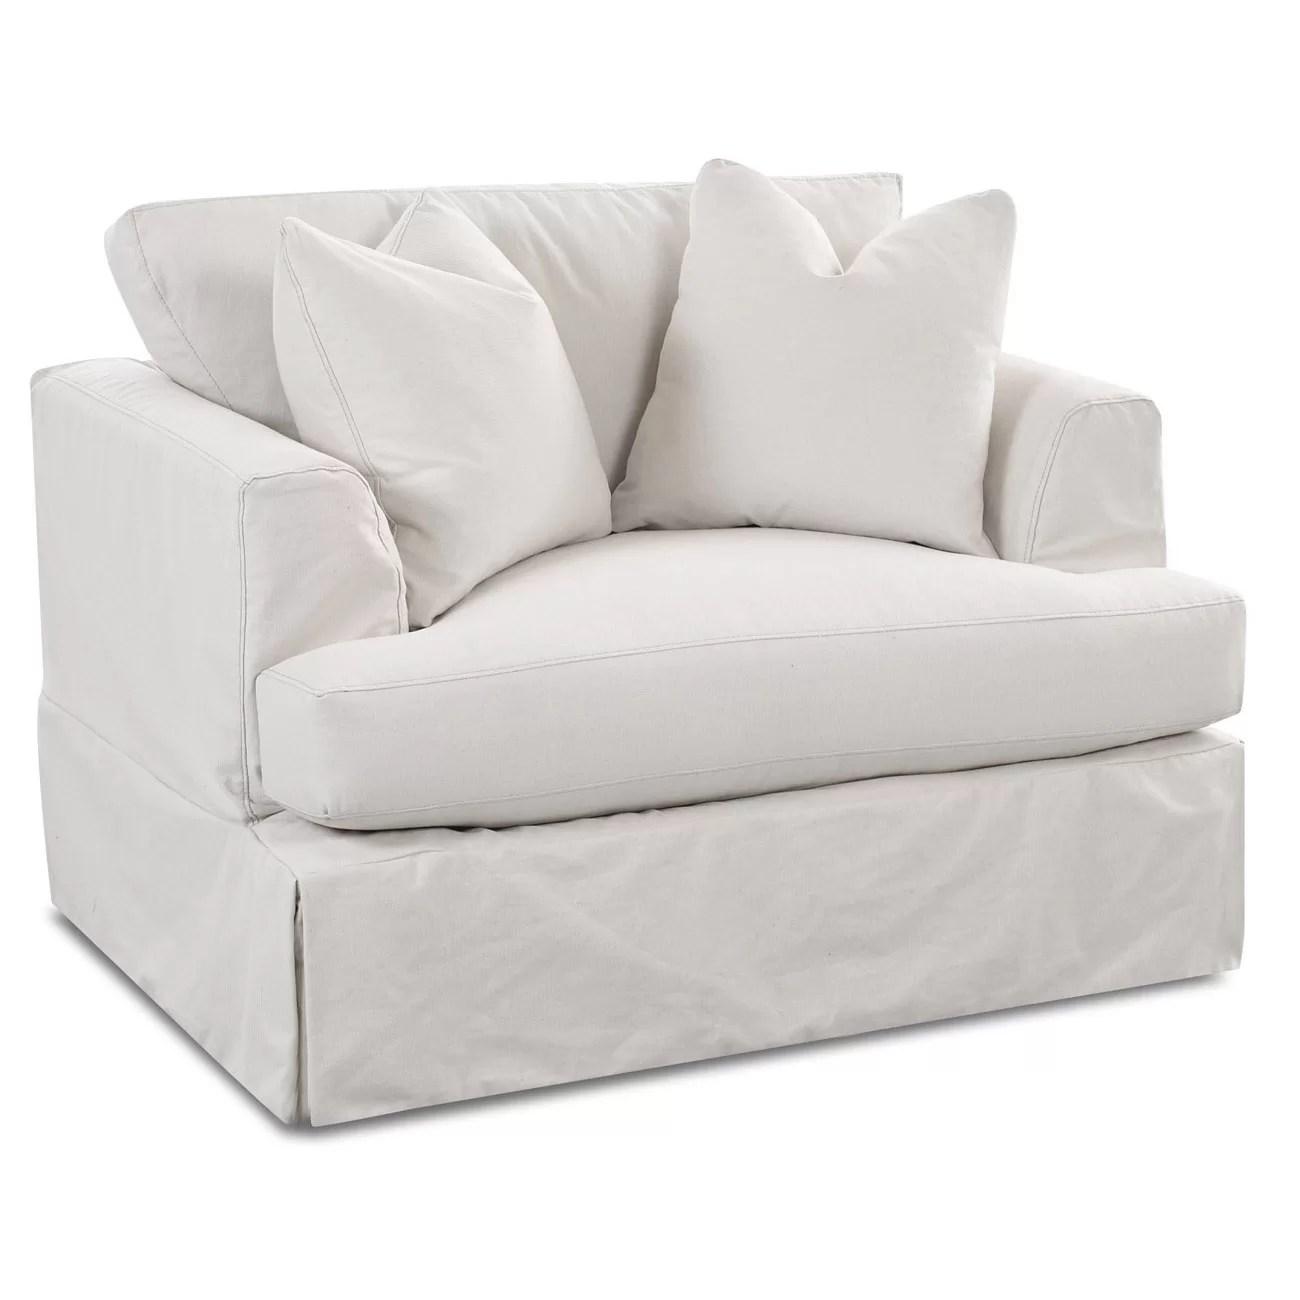 Wayfair Custom Upholstery Carly Arm Chair  Reviews  Wayfair